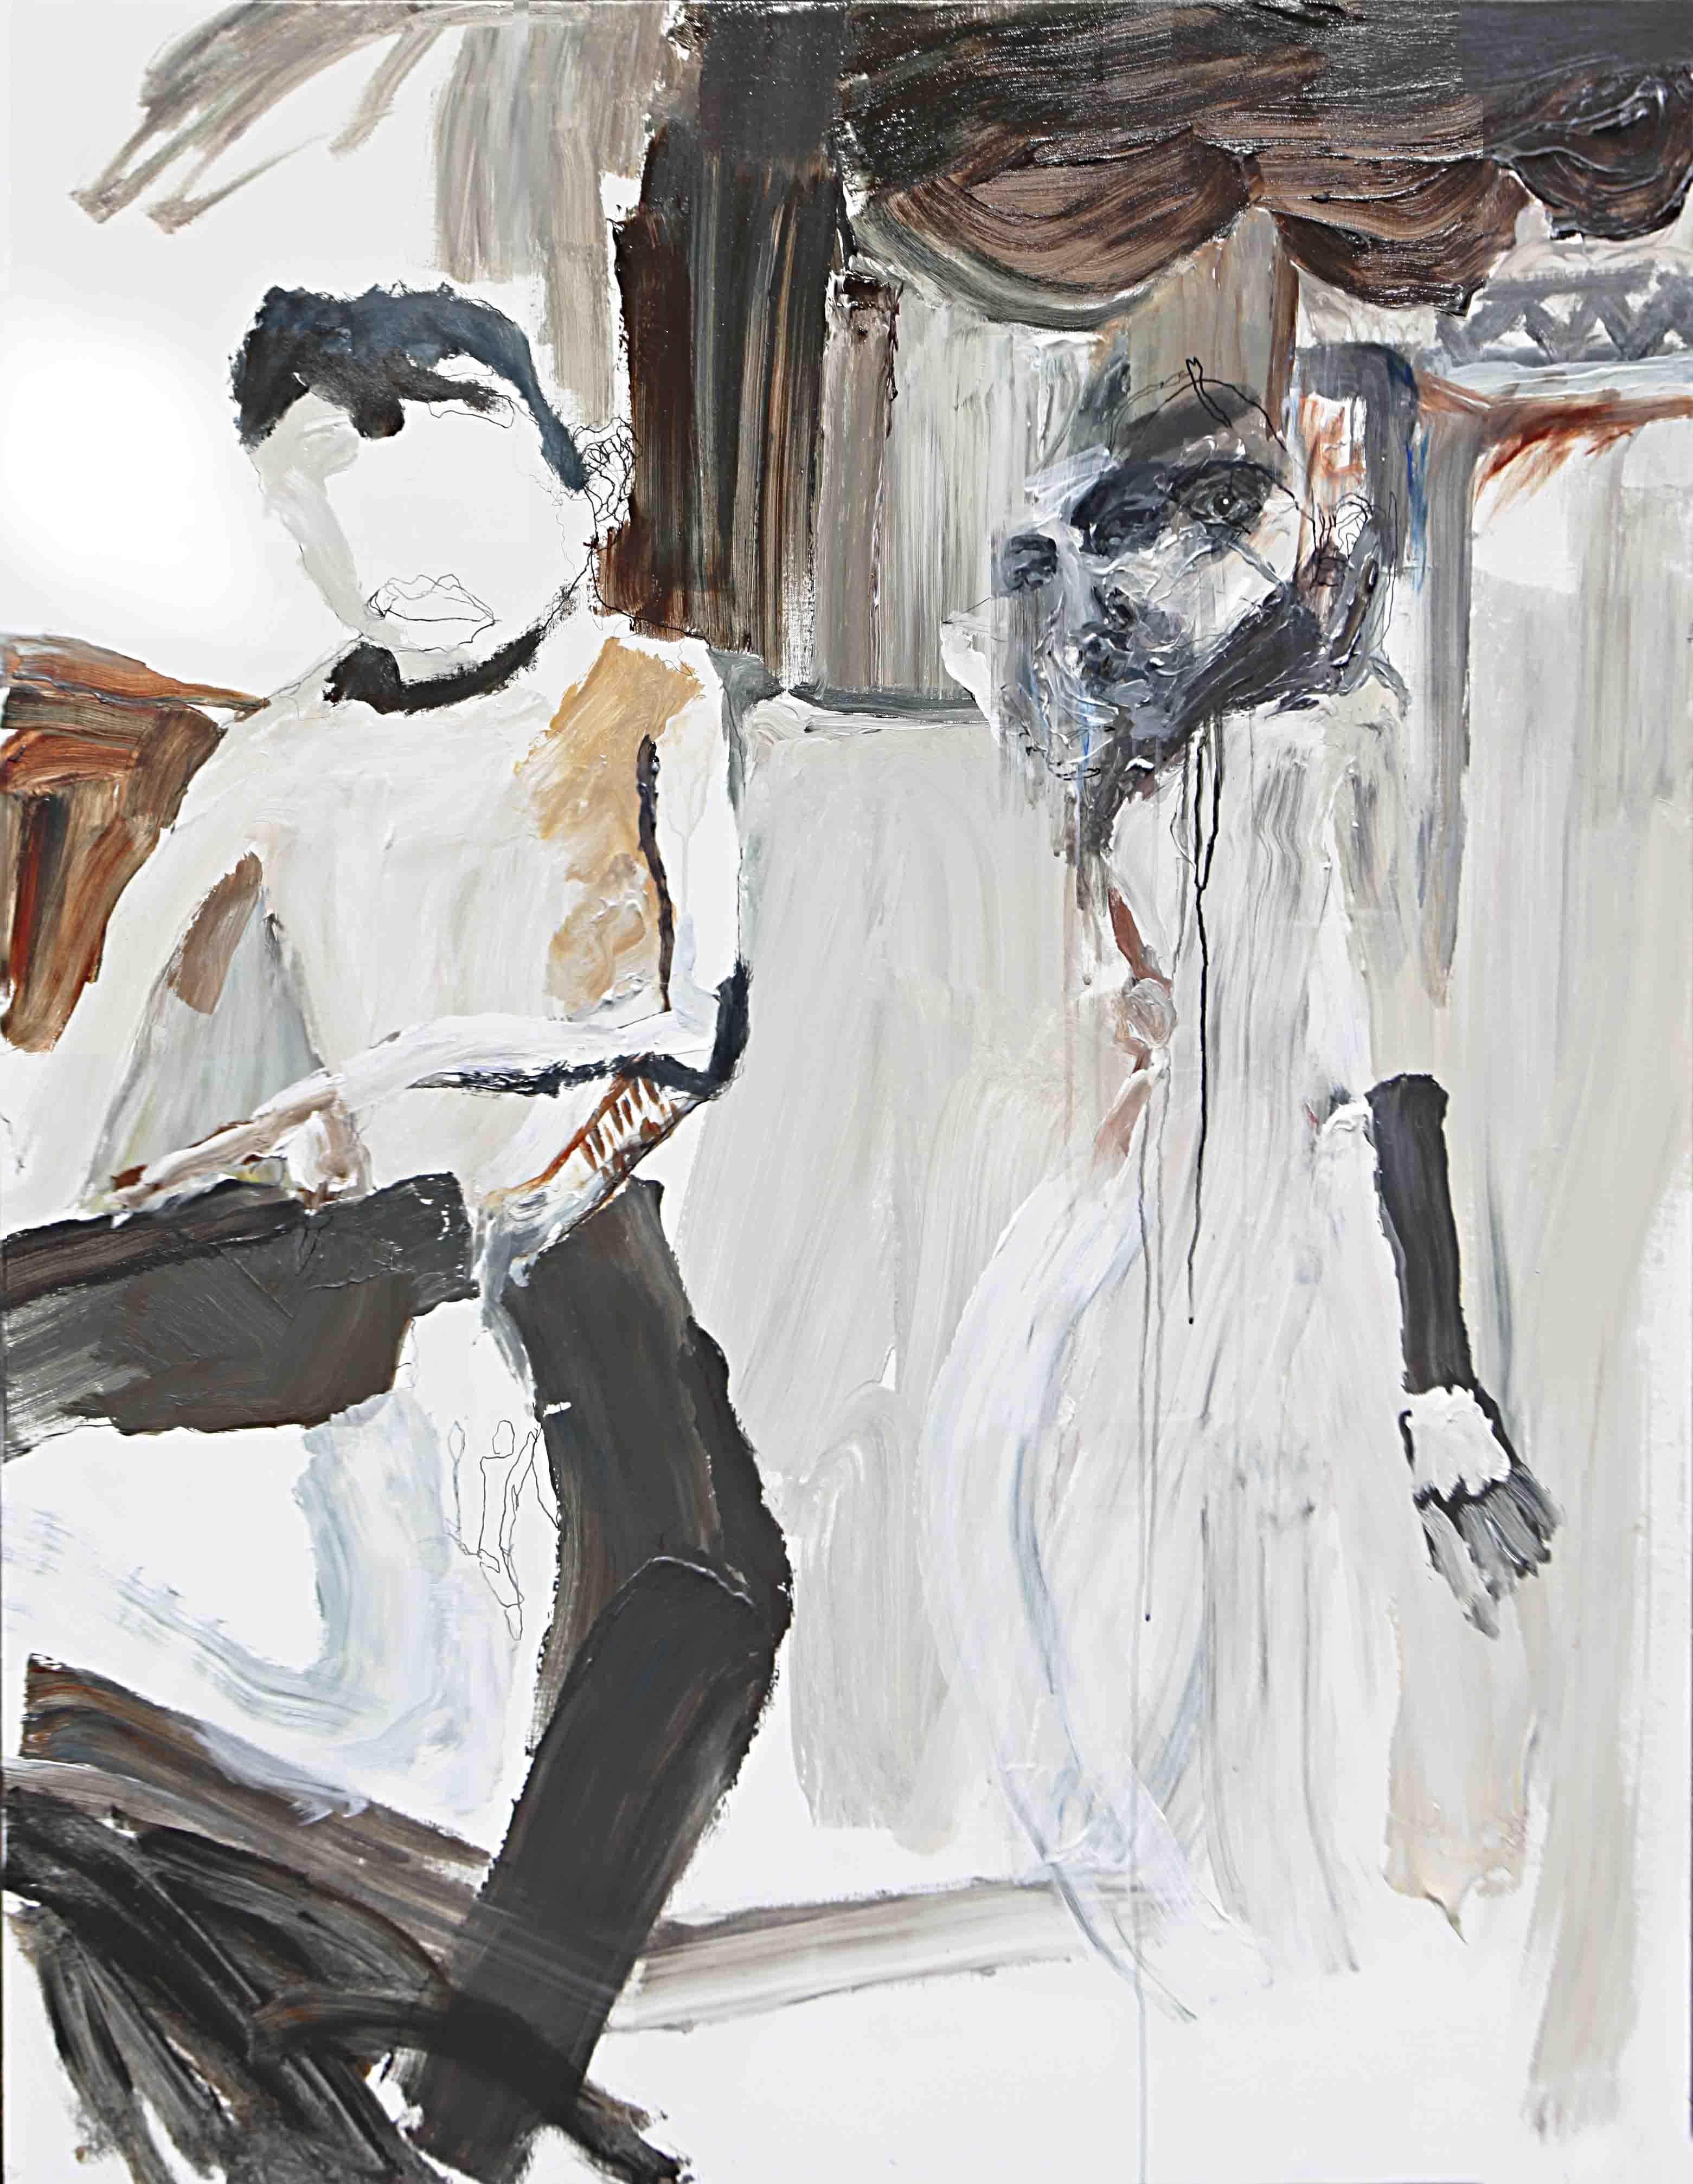 사이공간12, 145.5 x 112.2 cm. pen, acrylic on canvas, 2015